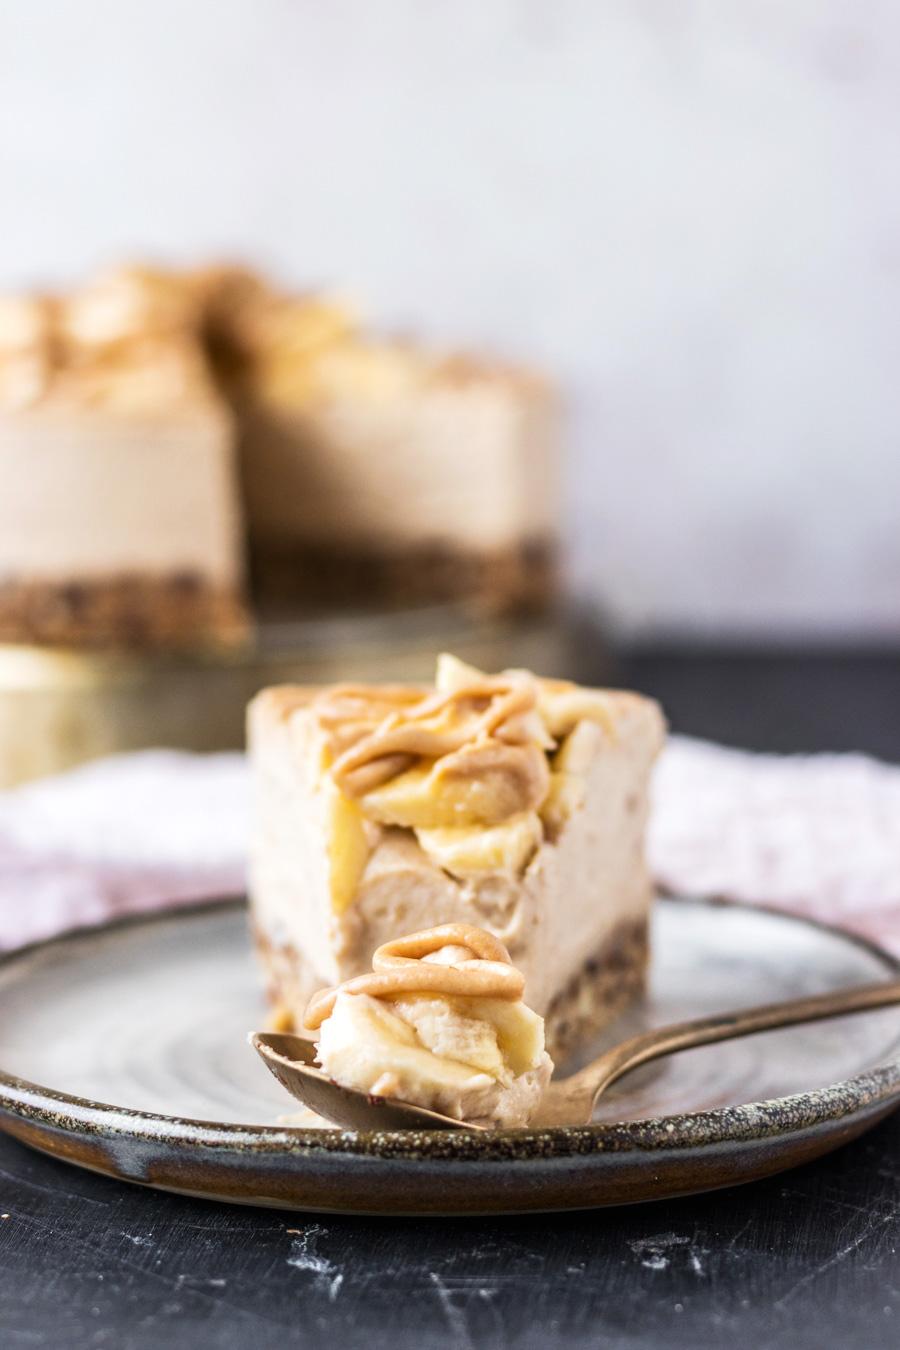 Vegan Banoffee Cheesecake